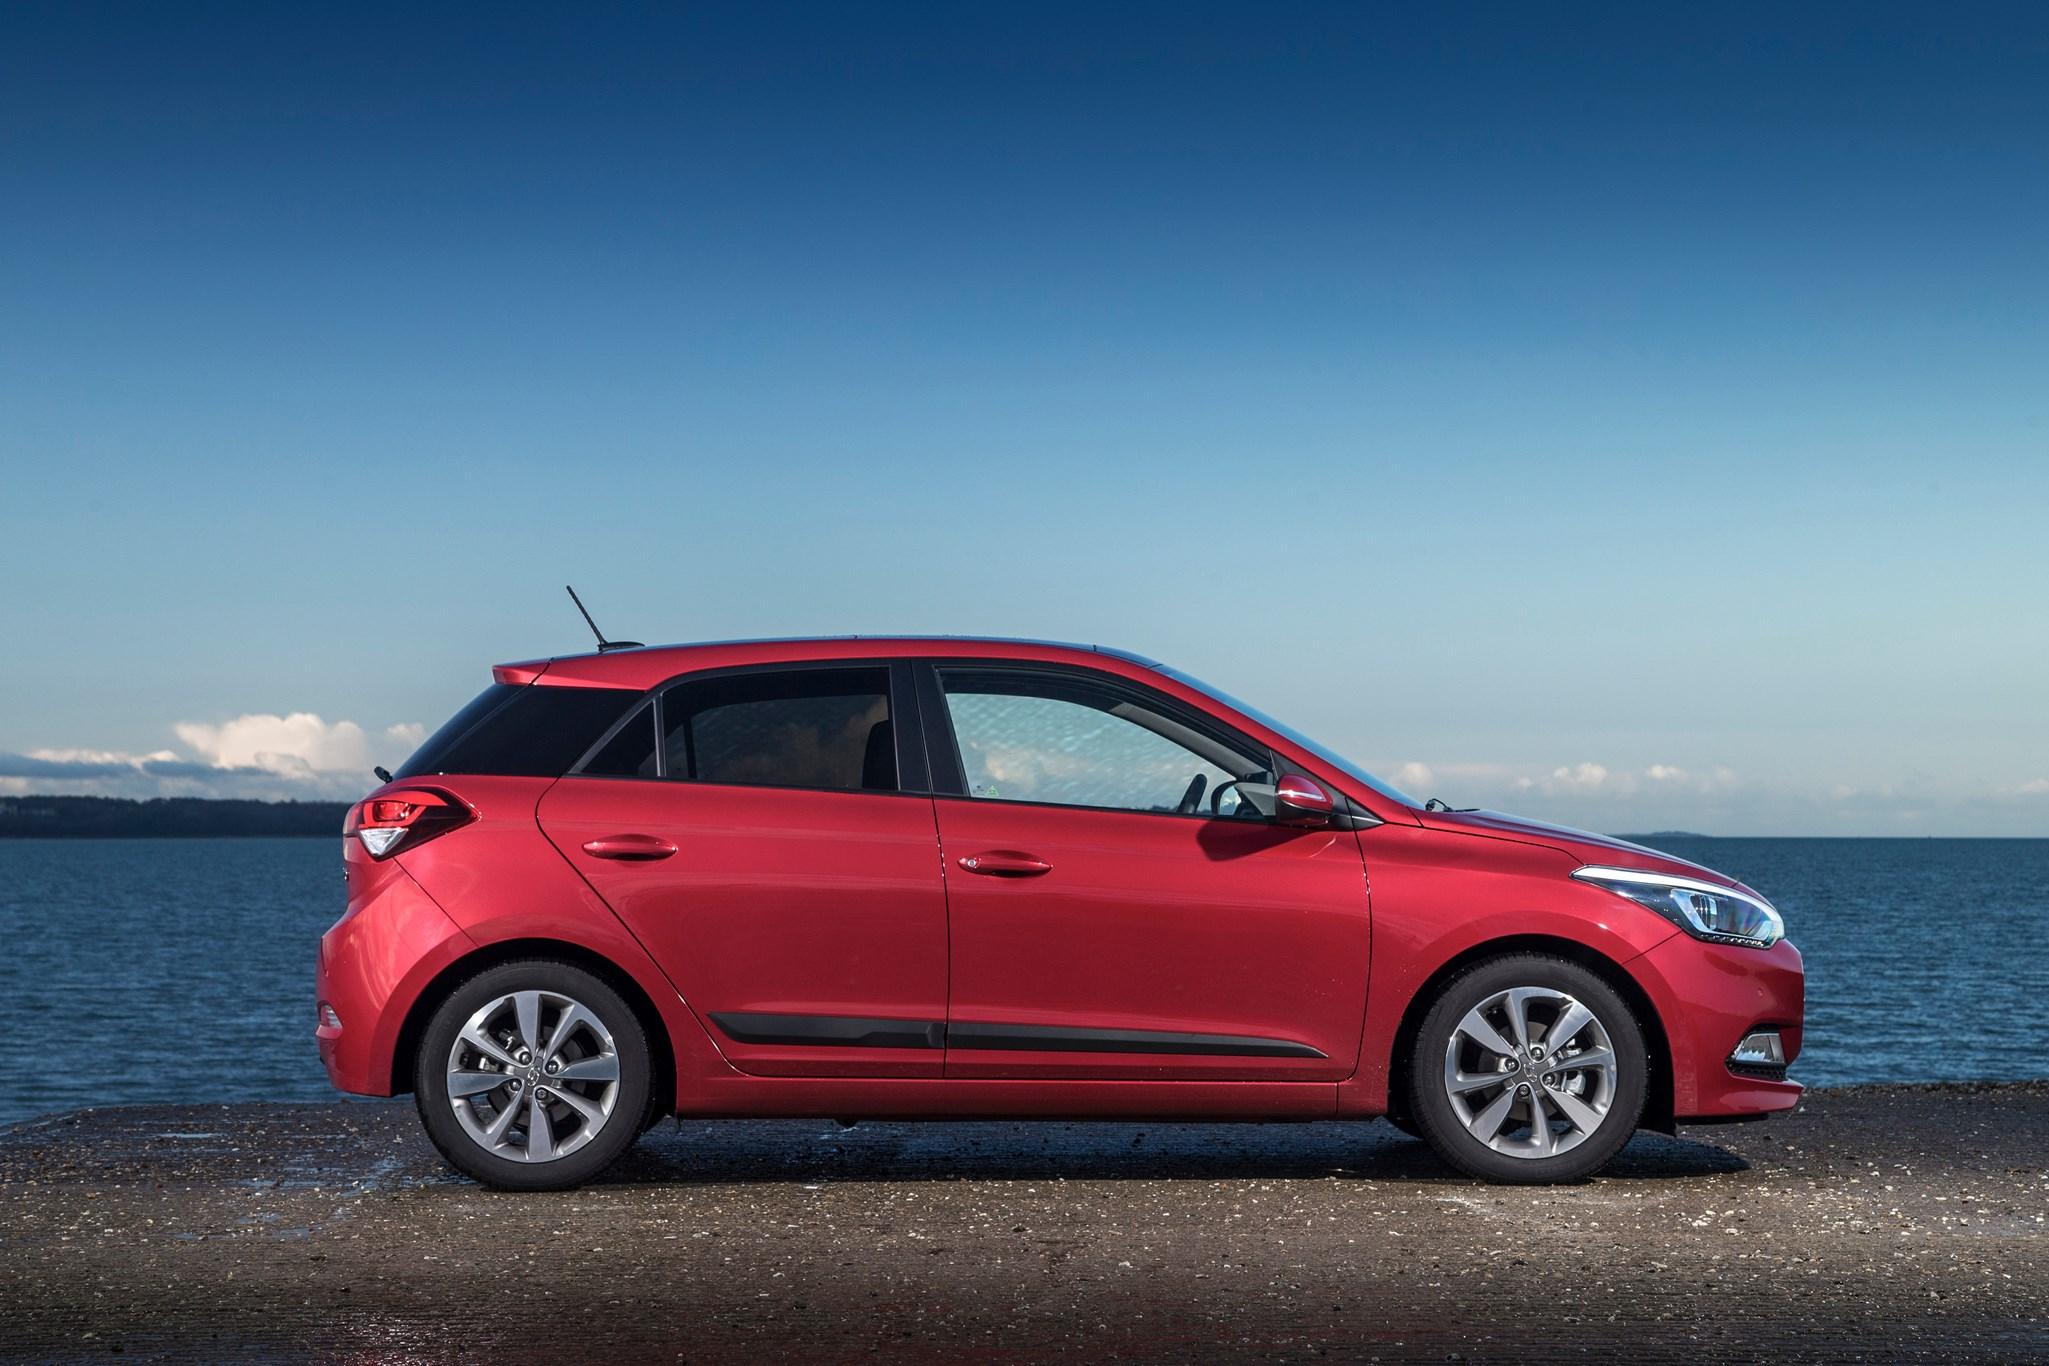 Hyundai Lease Deals >> Hyundai i20 1.4 SE (2015) review by CAR Magazine